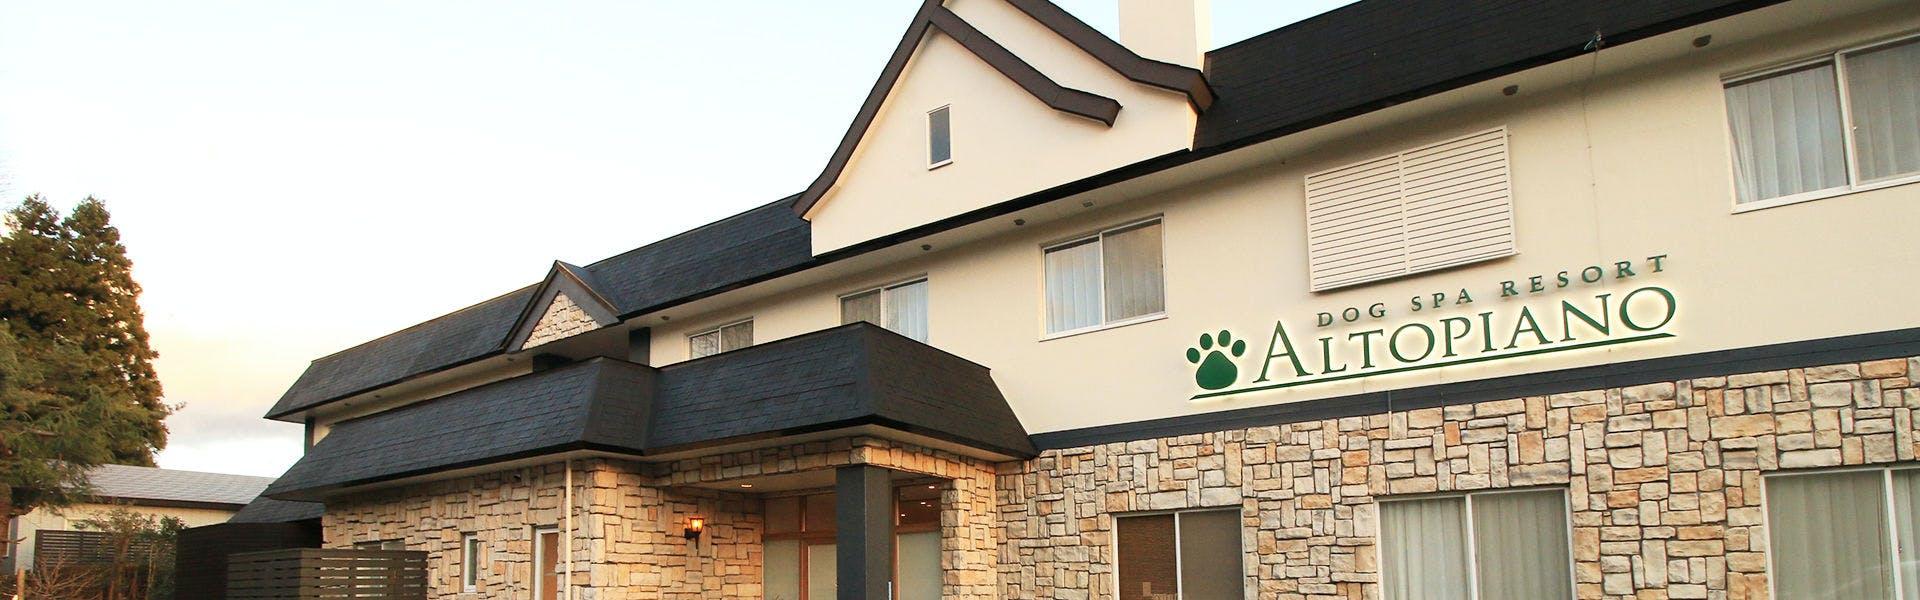 記念日におすすめのホテル・DOG SPA RESORT ALTOPIANOの写真1